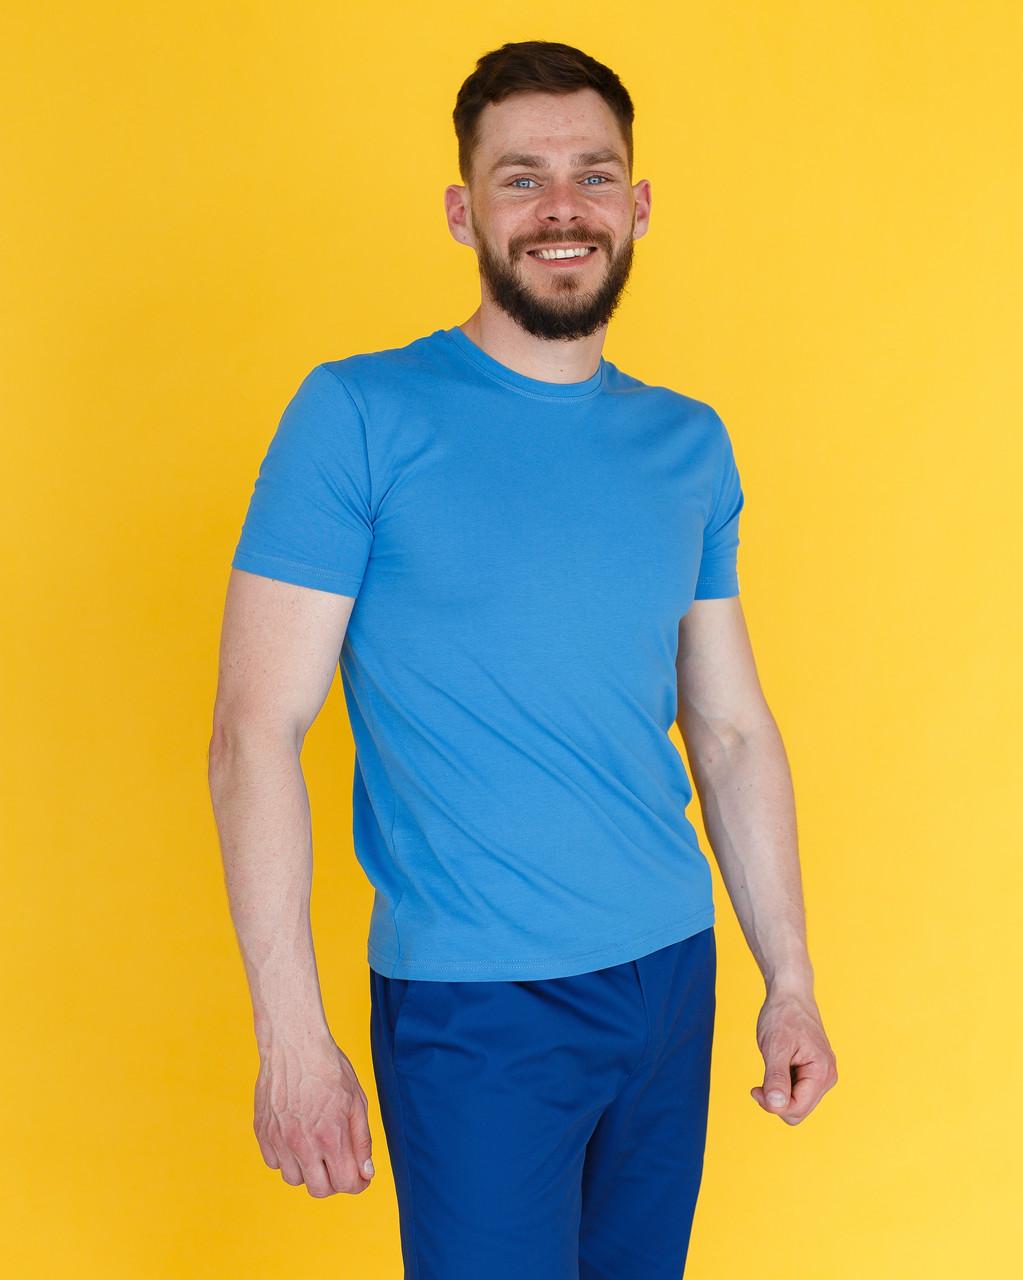 Мужская медицинская футболка, голубая